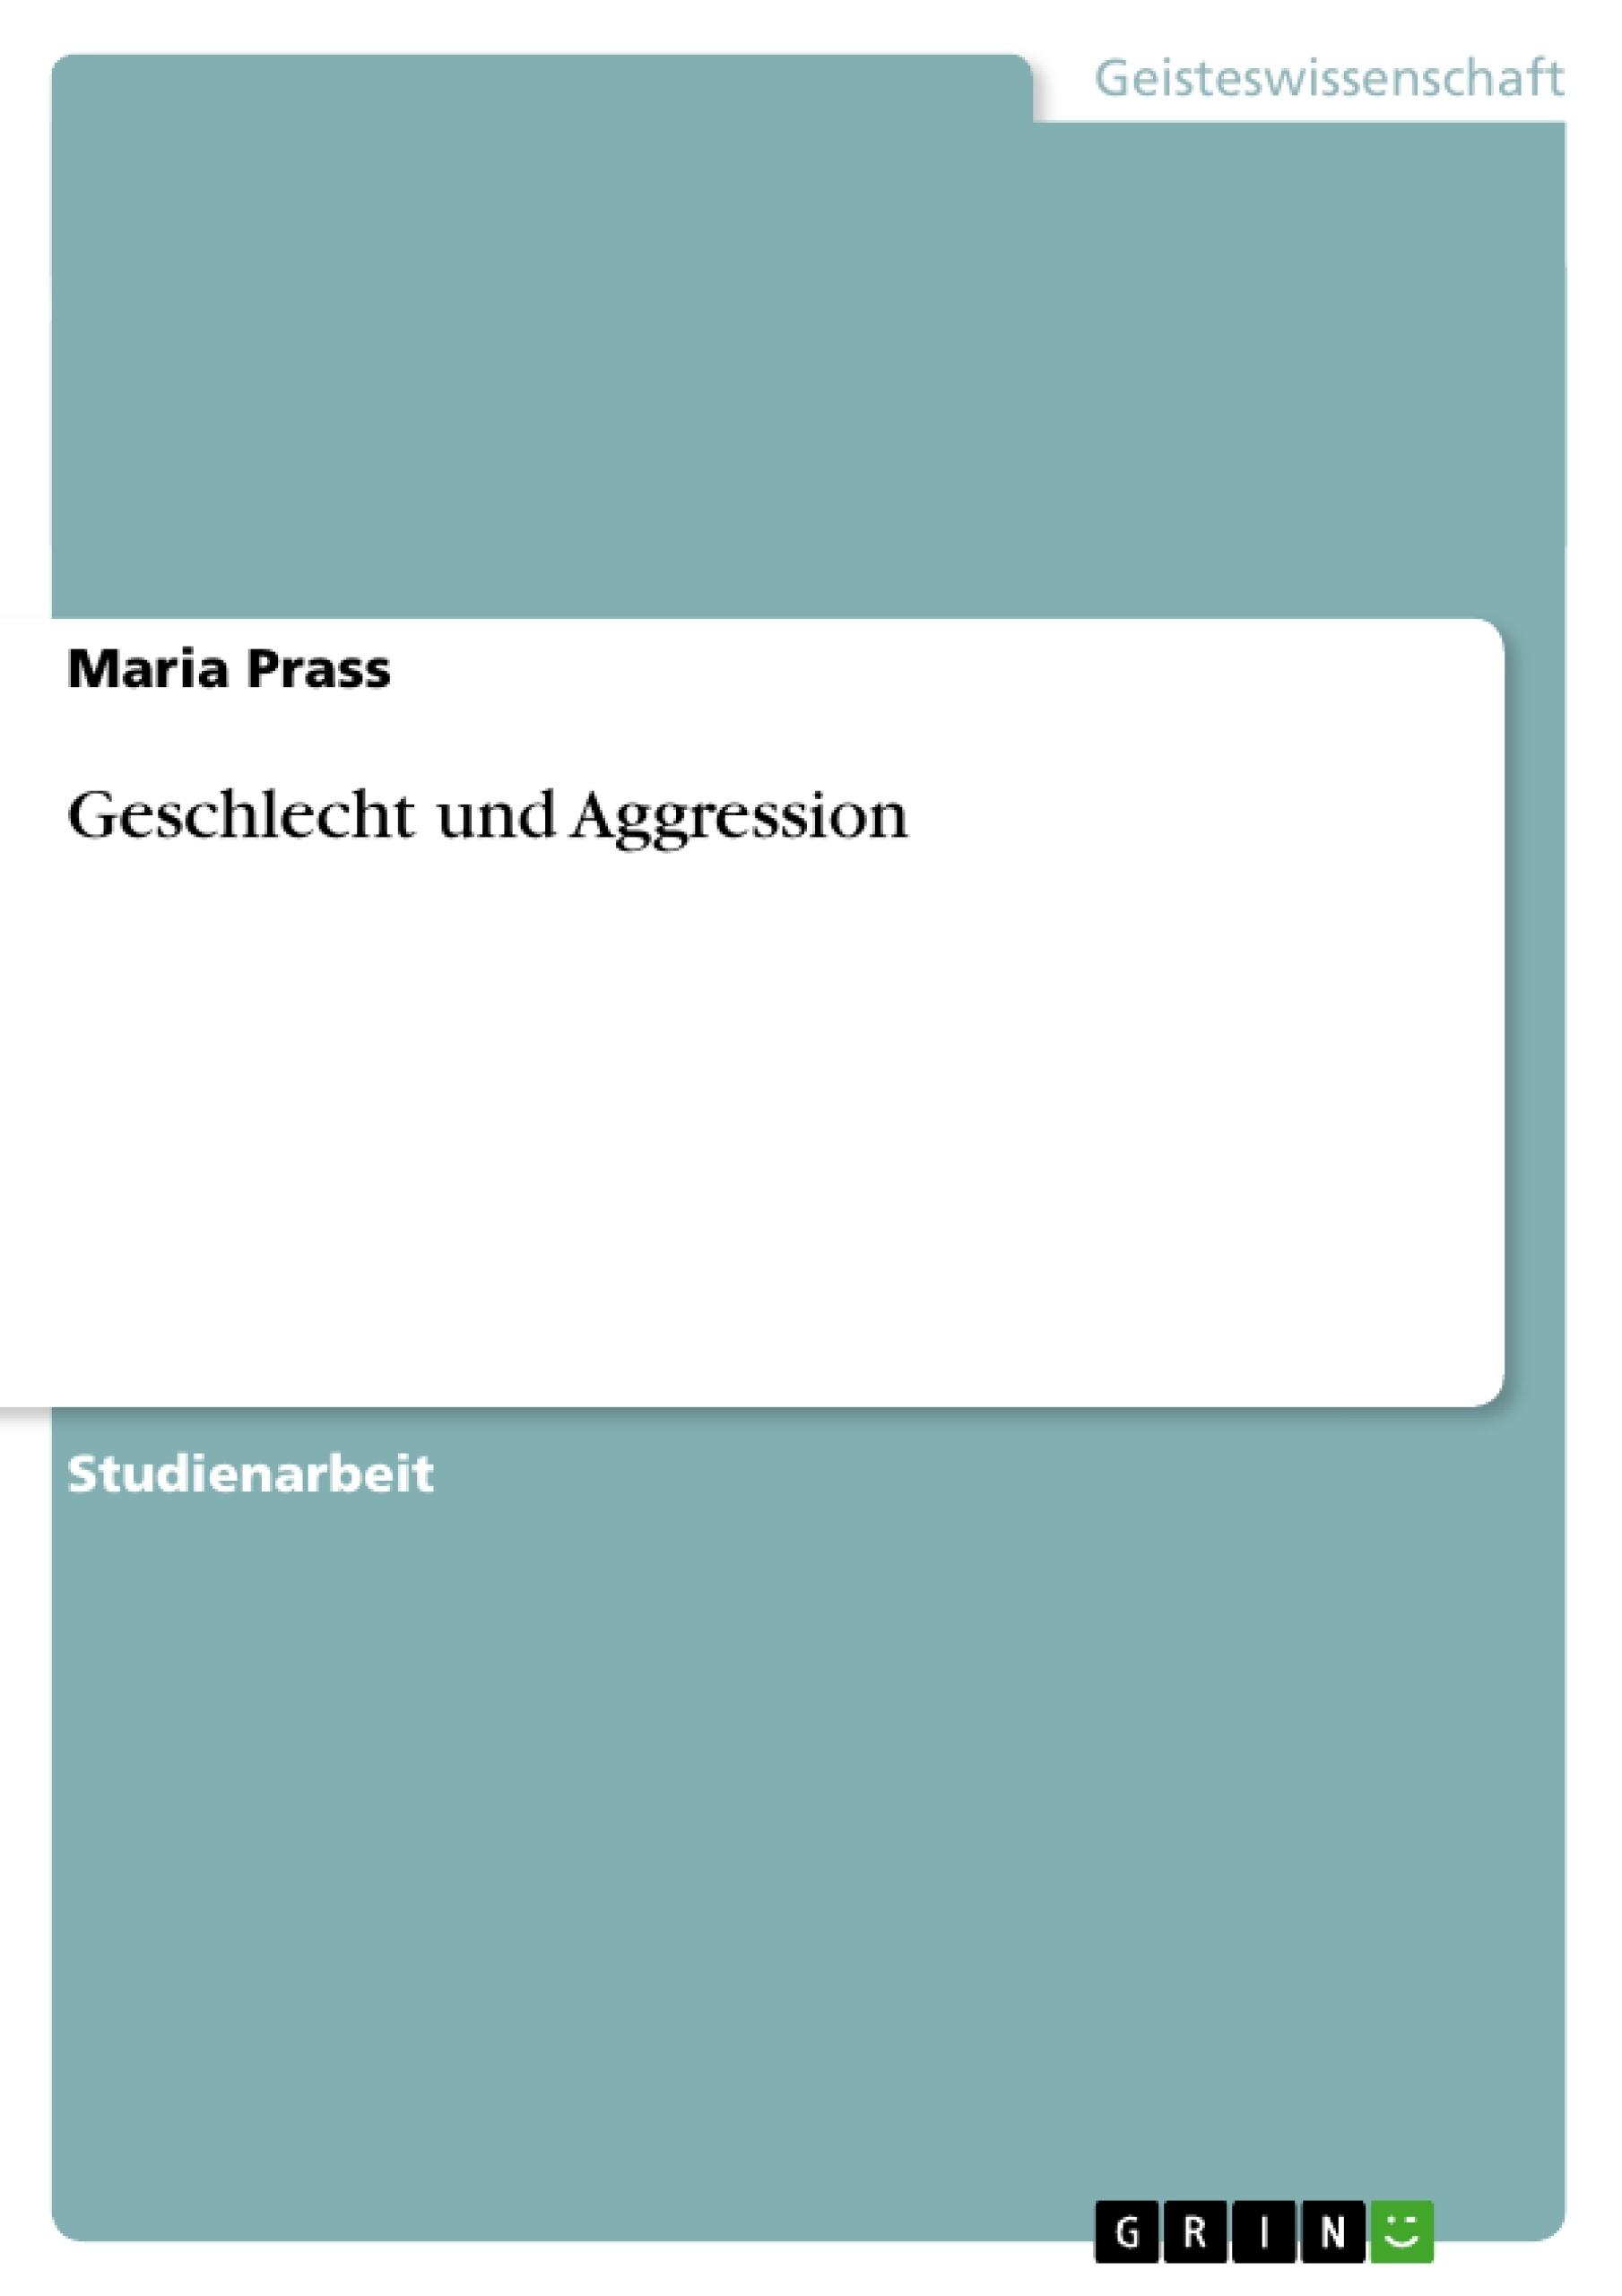 Titel: Geschlecht und Aggression